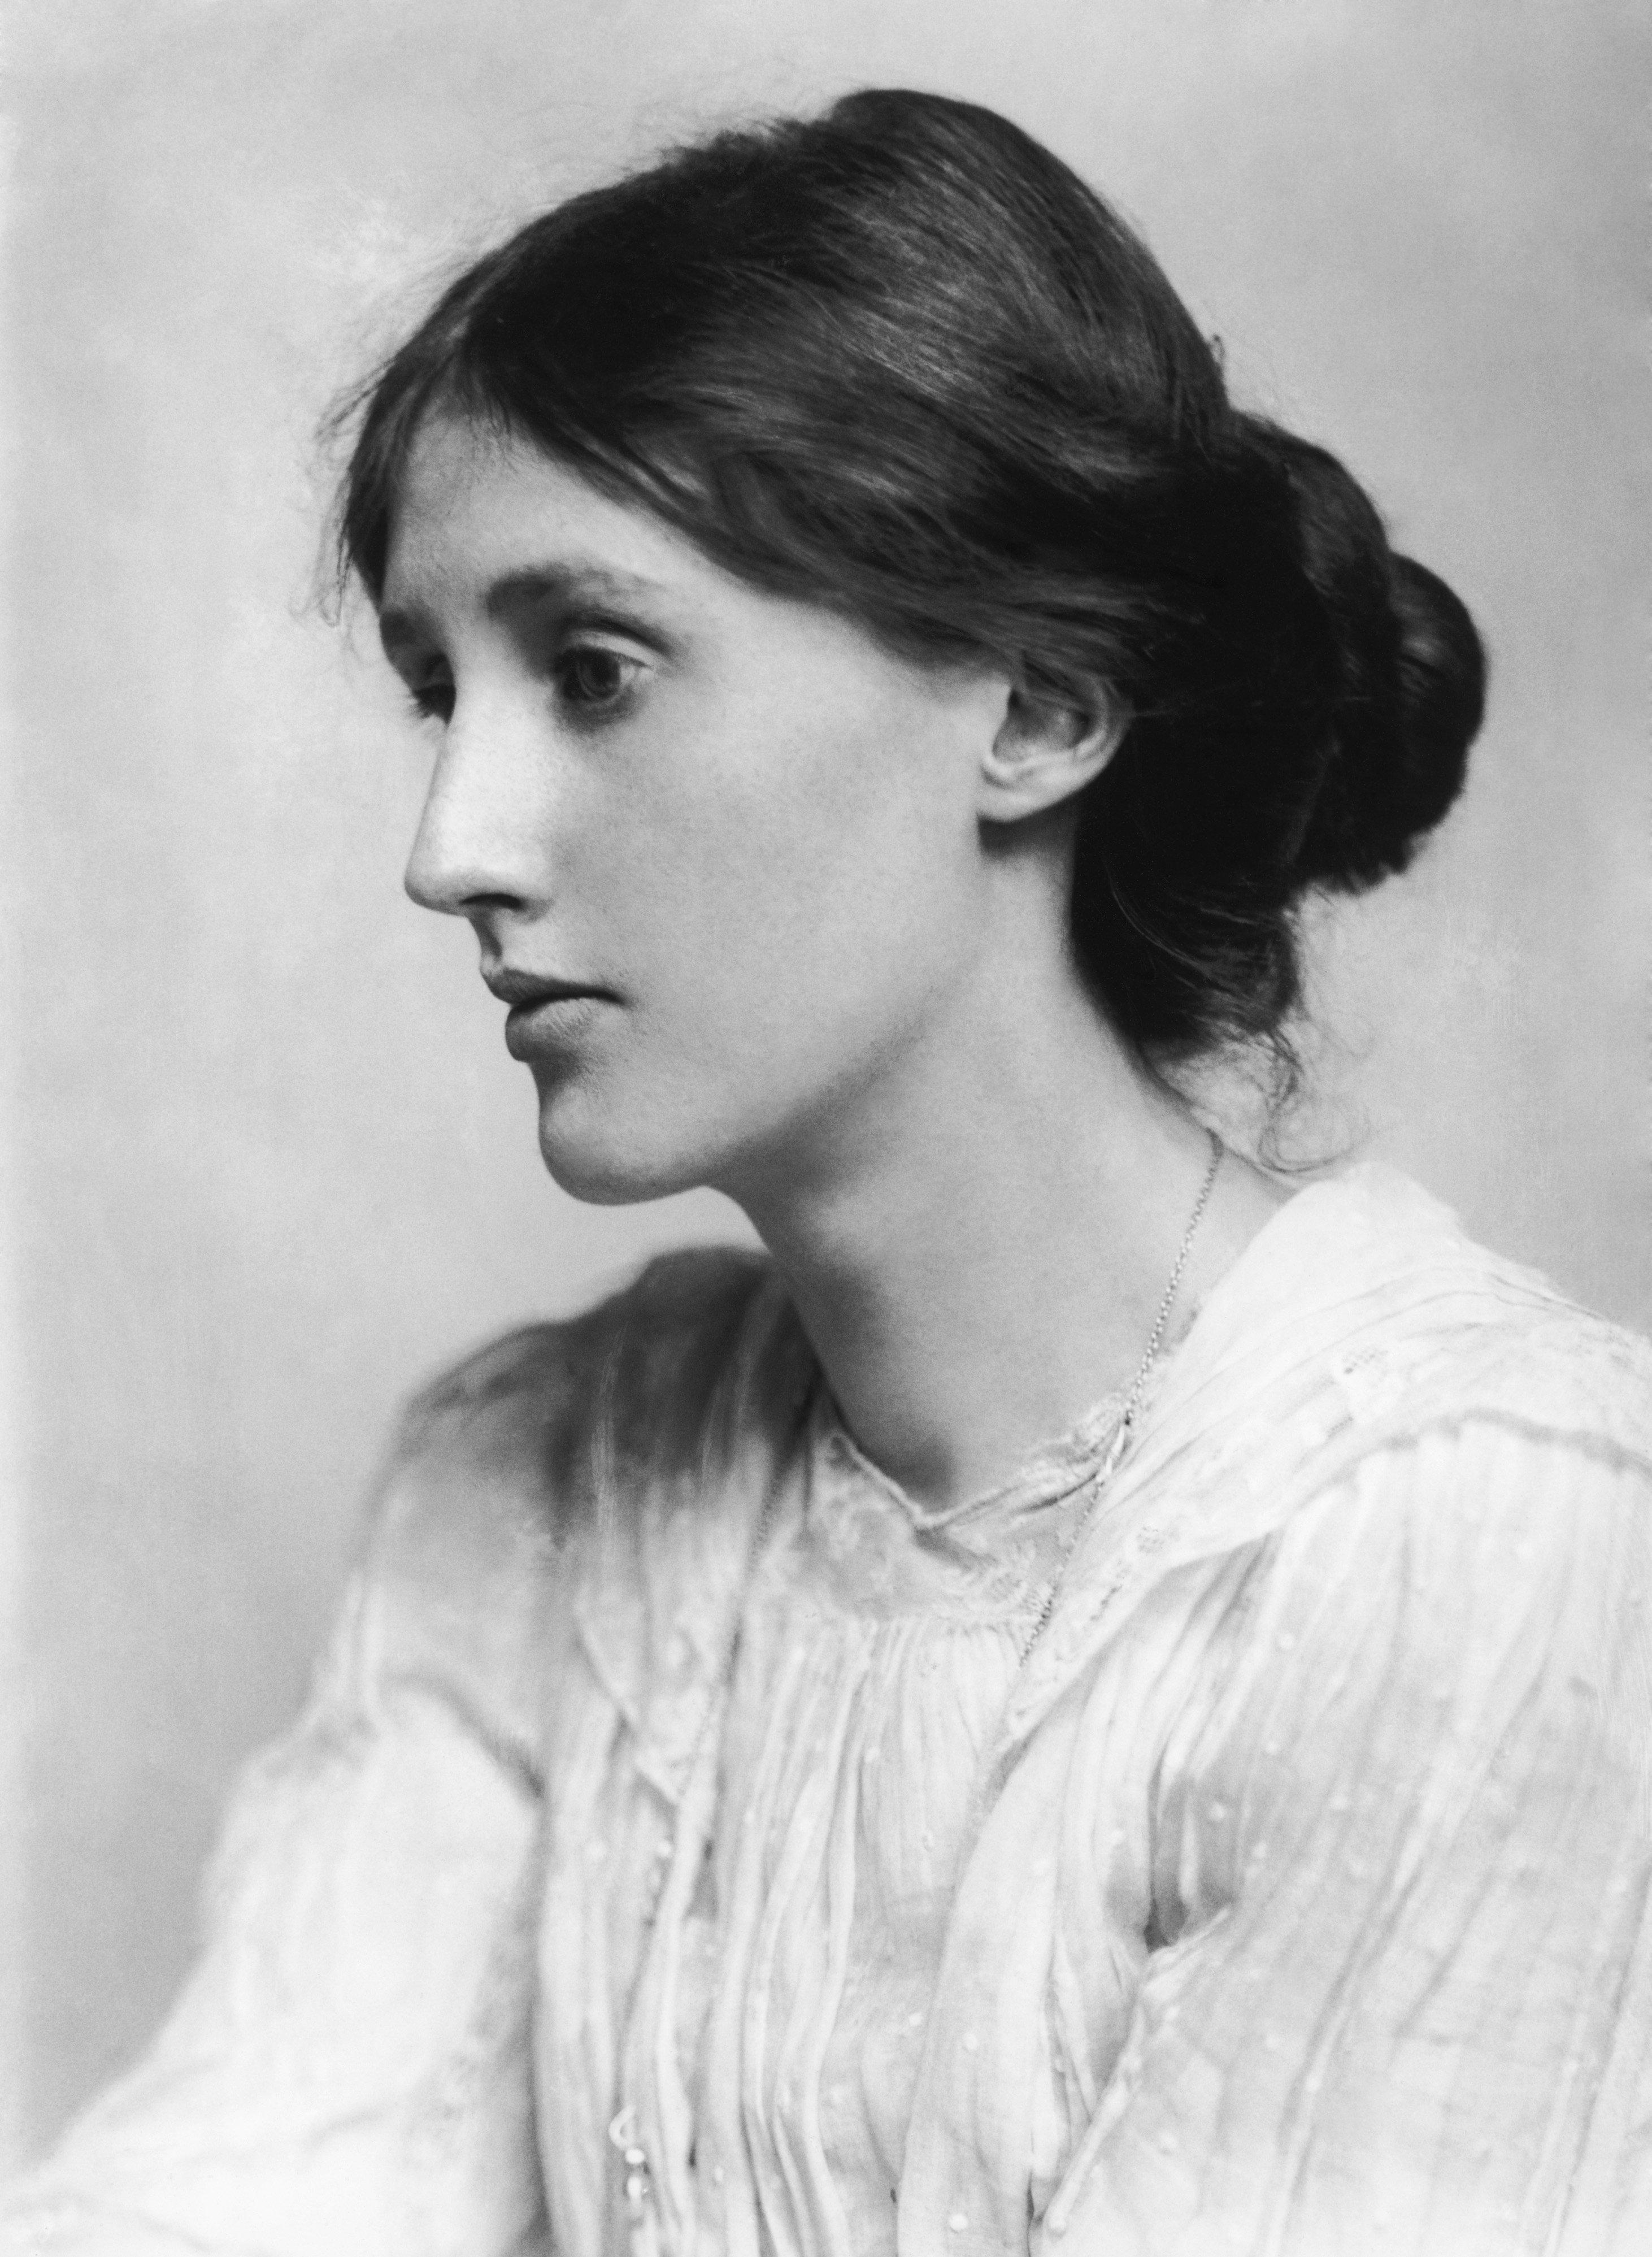 George_Charles_Beresford_-_Virginia_Woolf_in_1902_-_Restoration.jpg